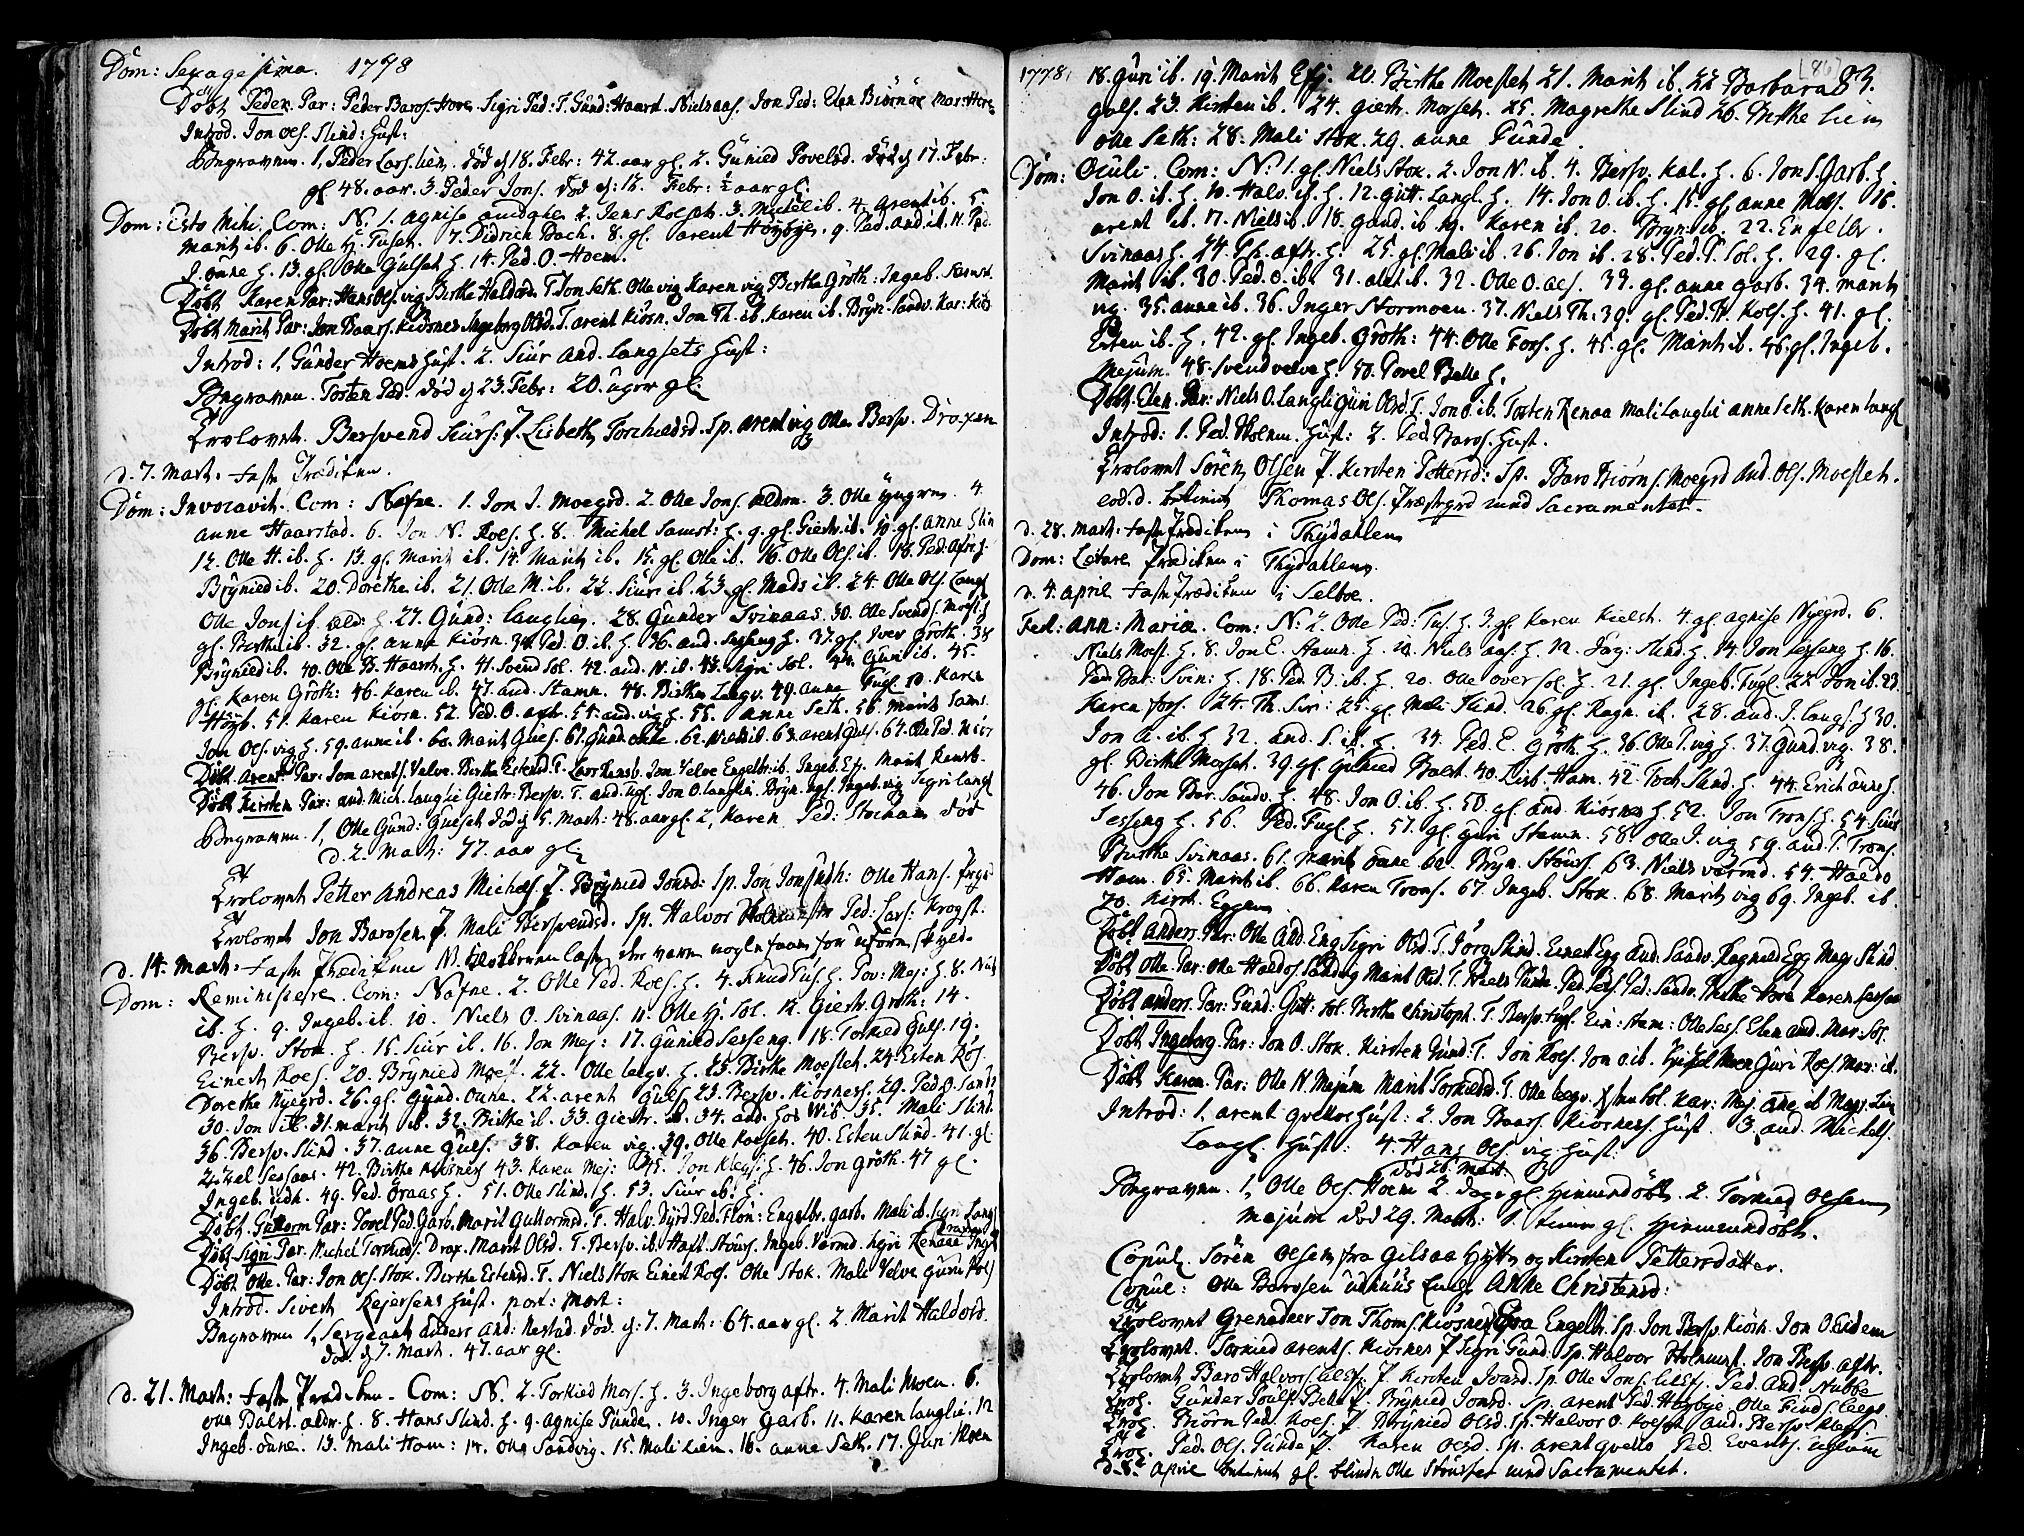 SAT, Ministerialprotokoller, klokkerbøker og fødselsregistre - Sør-Trøndelag, 695/L1138: Ministerialbok nr. 695A02 /1, 1757-1801, s. 86